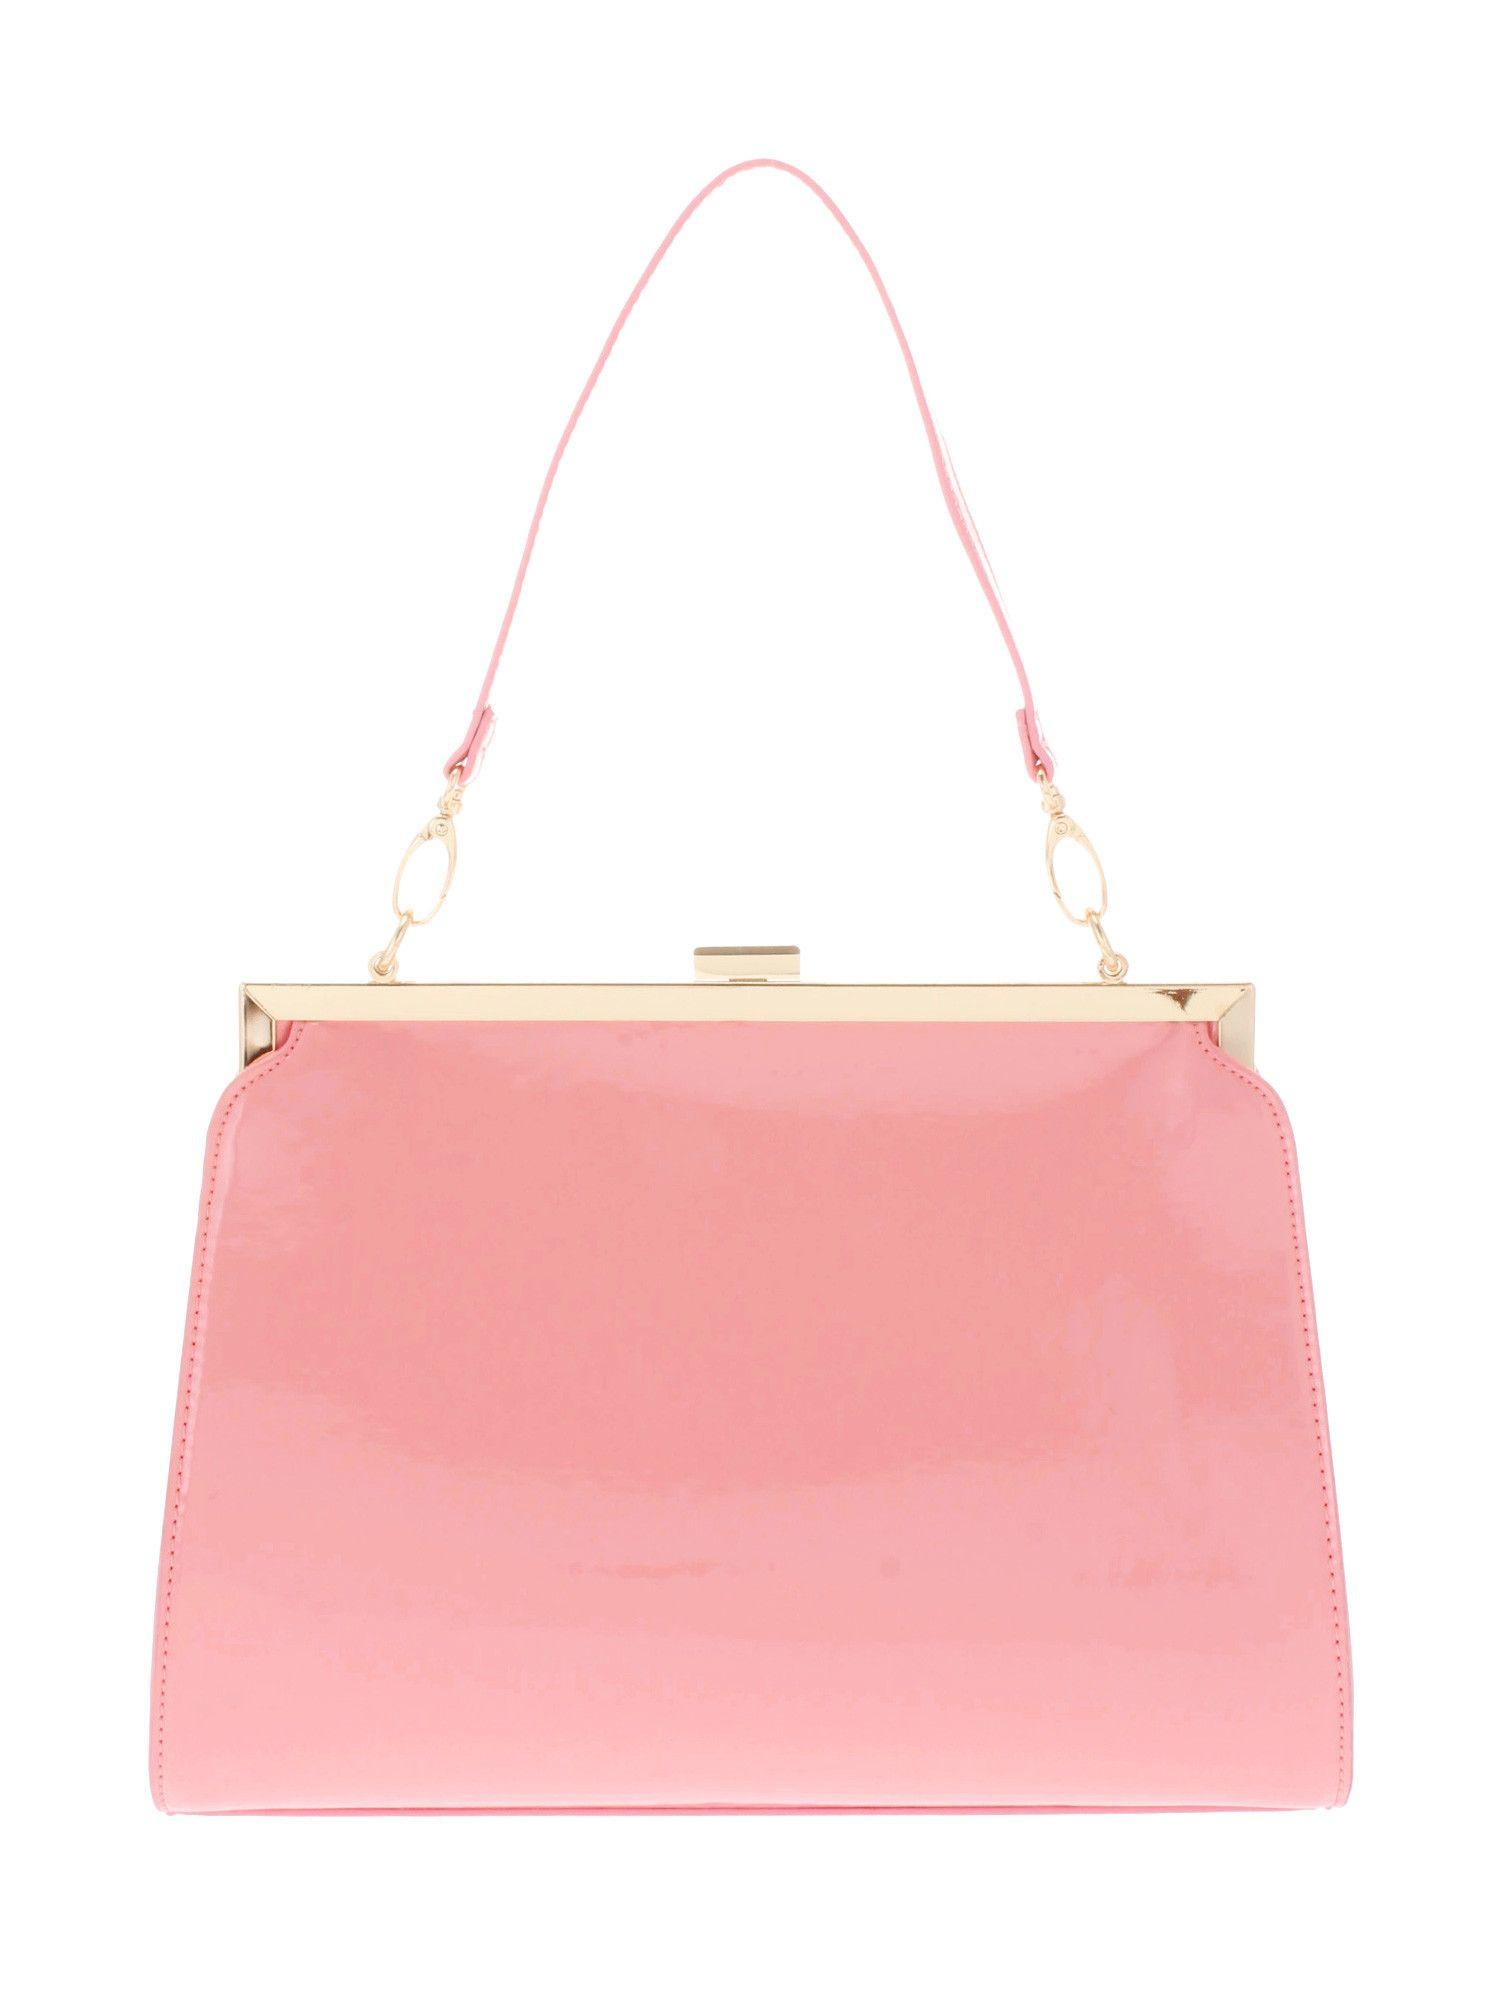 [商品]搪瓷手提包